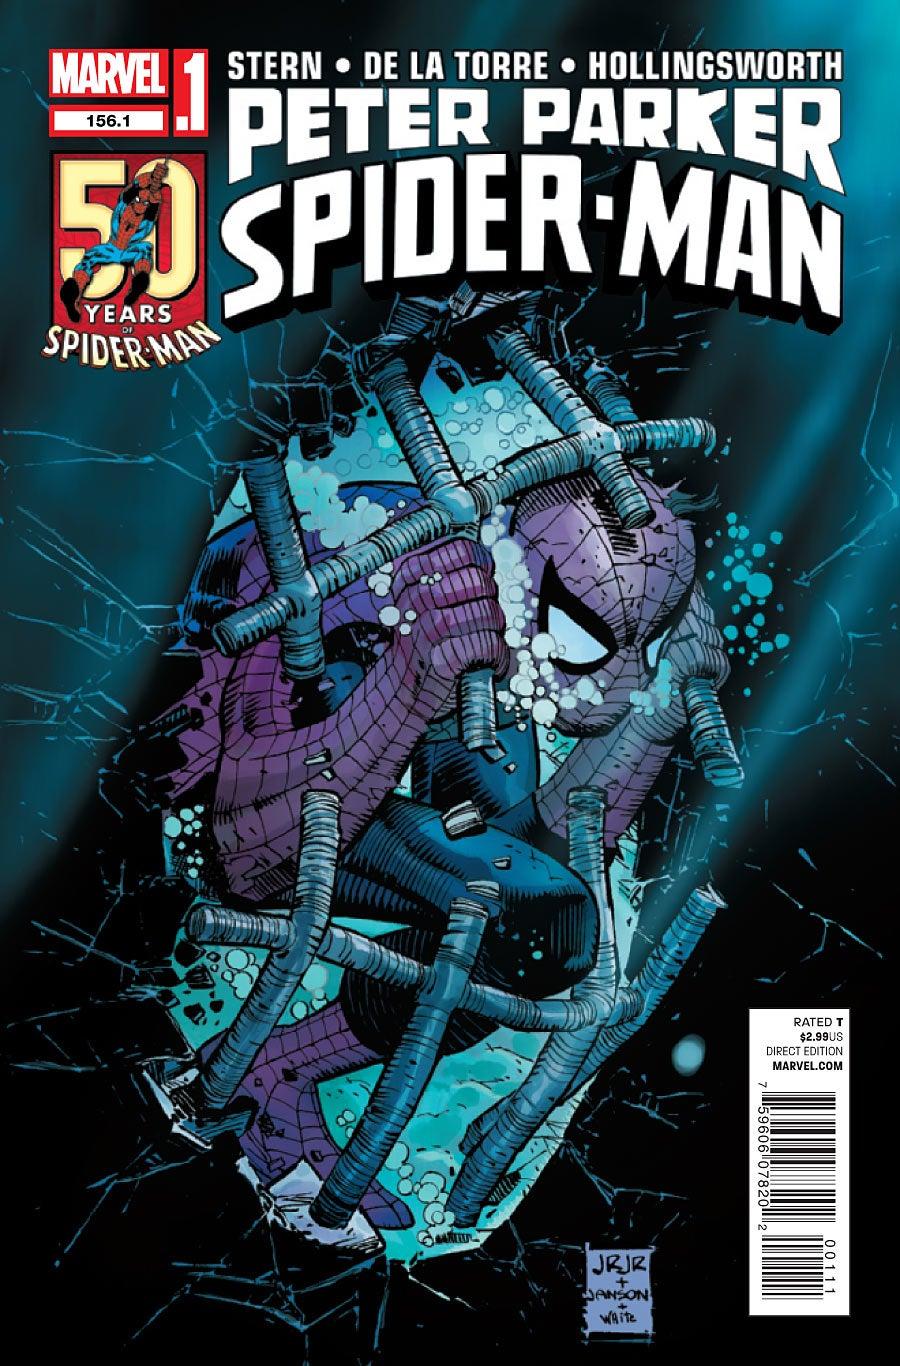 peter-parker-spider-man-156.1-1-1